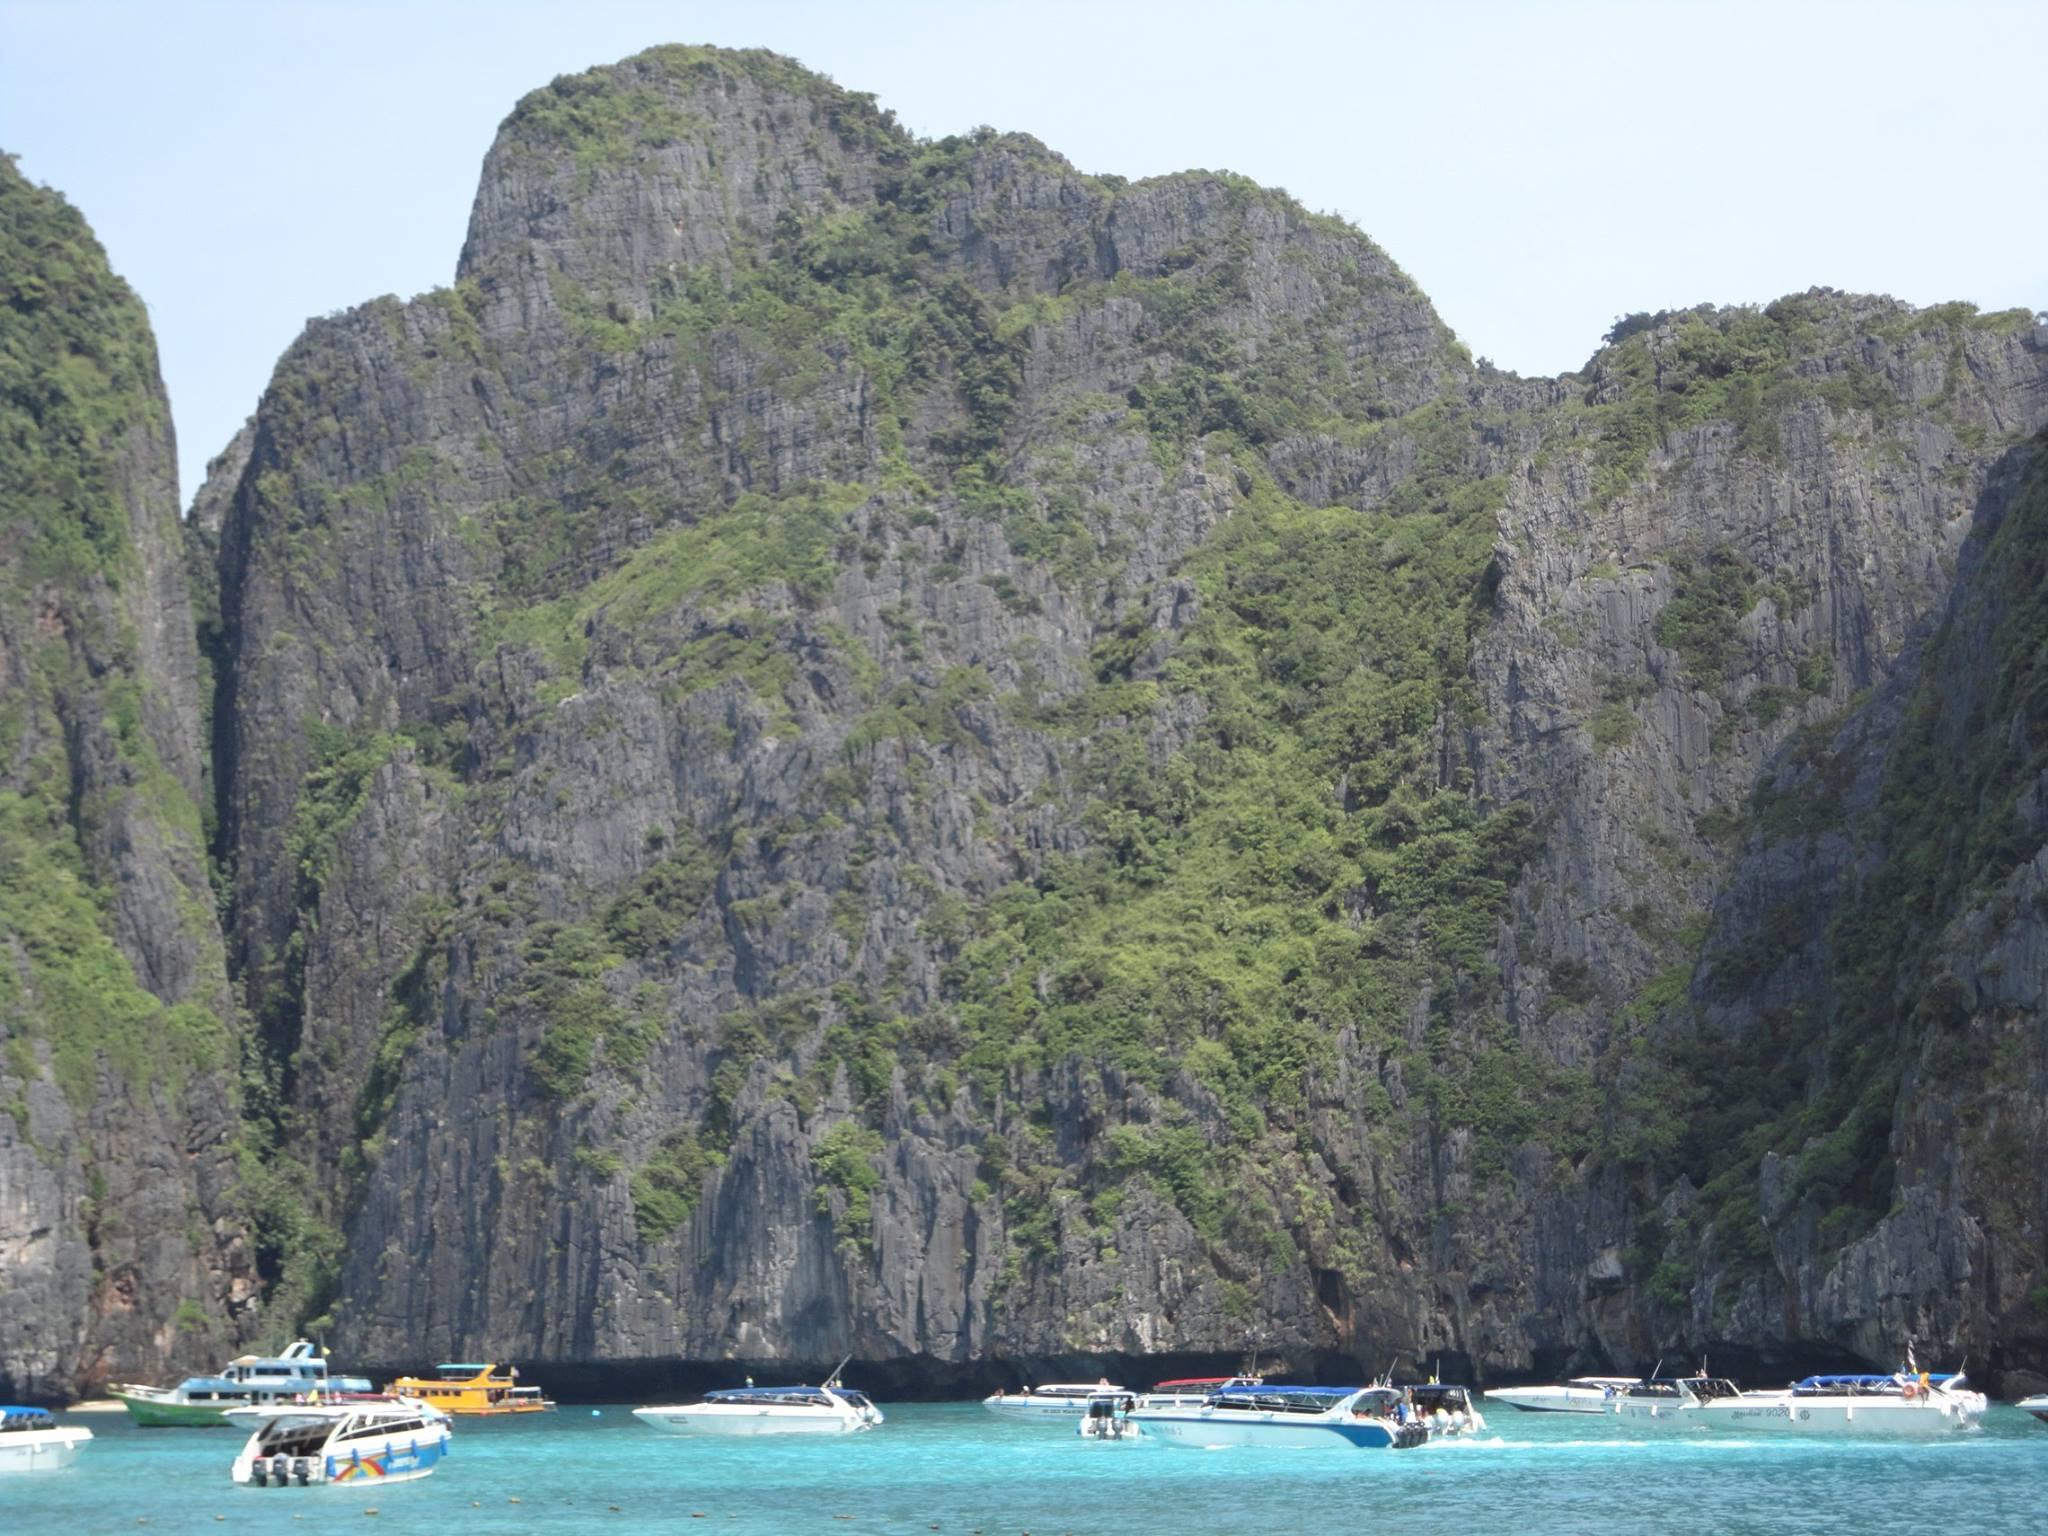 Krabi, 4 islands